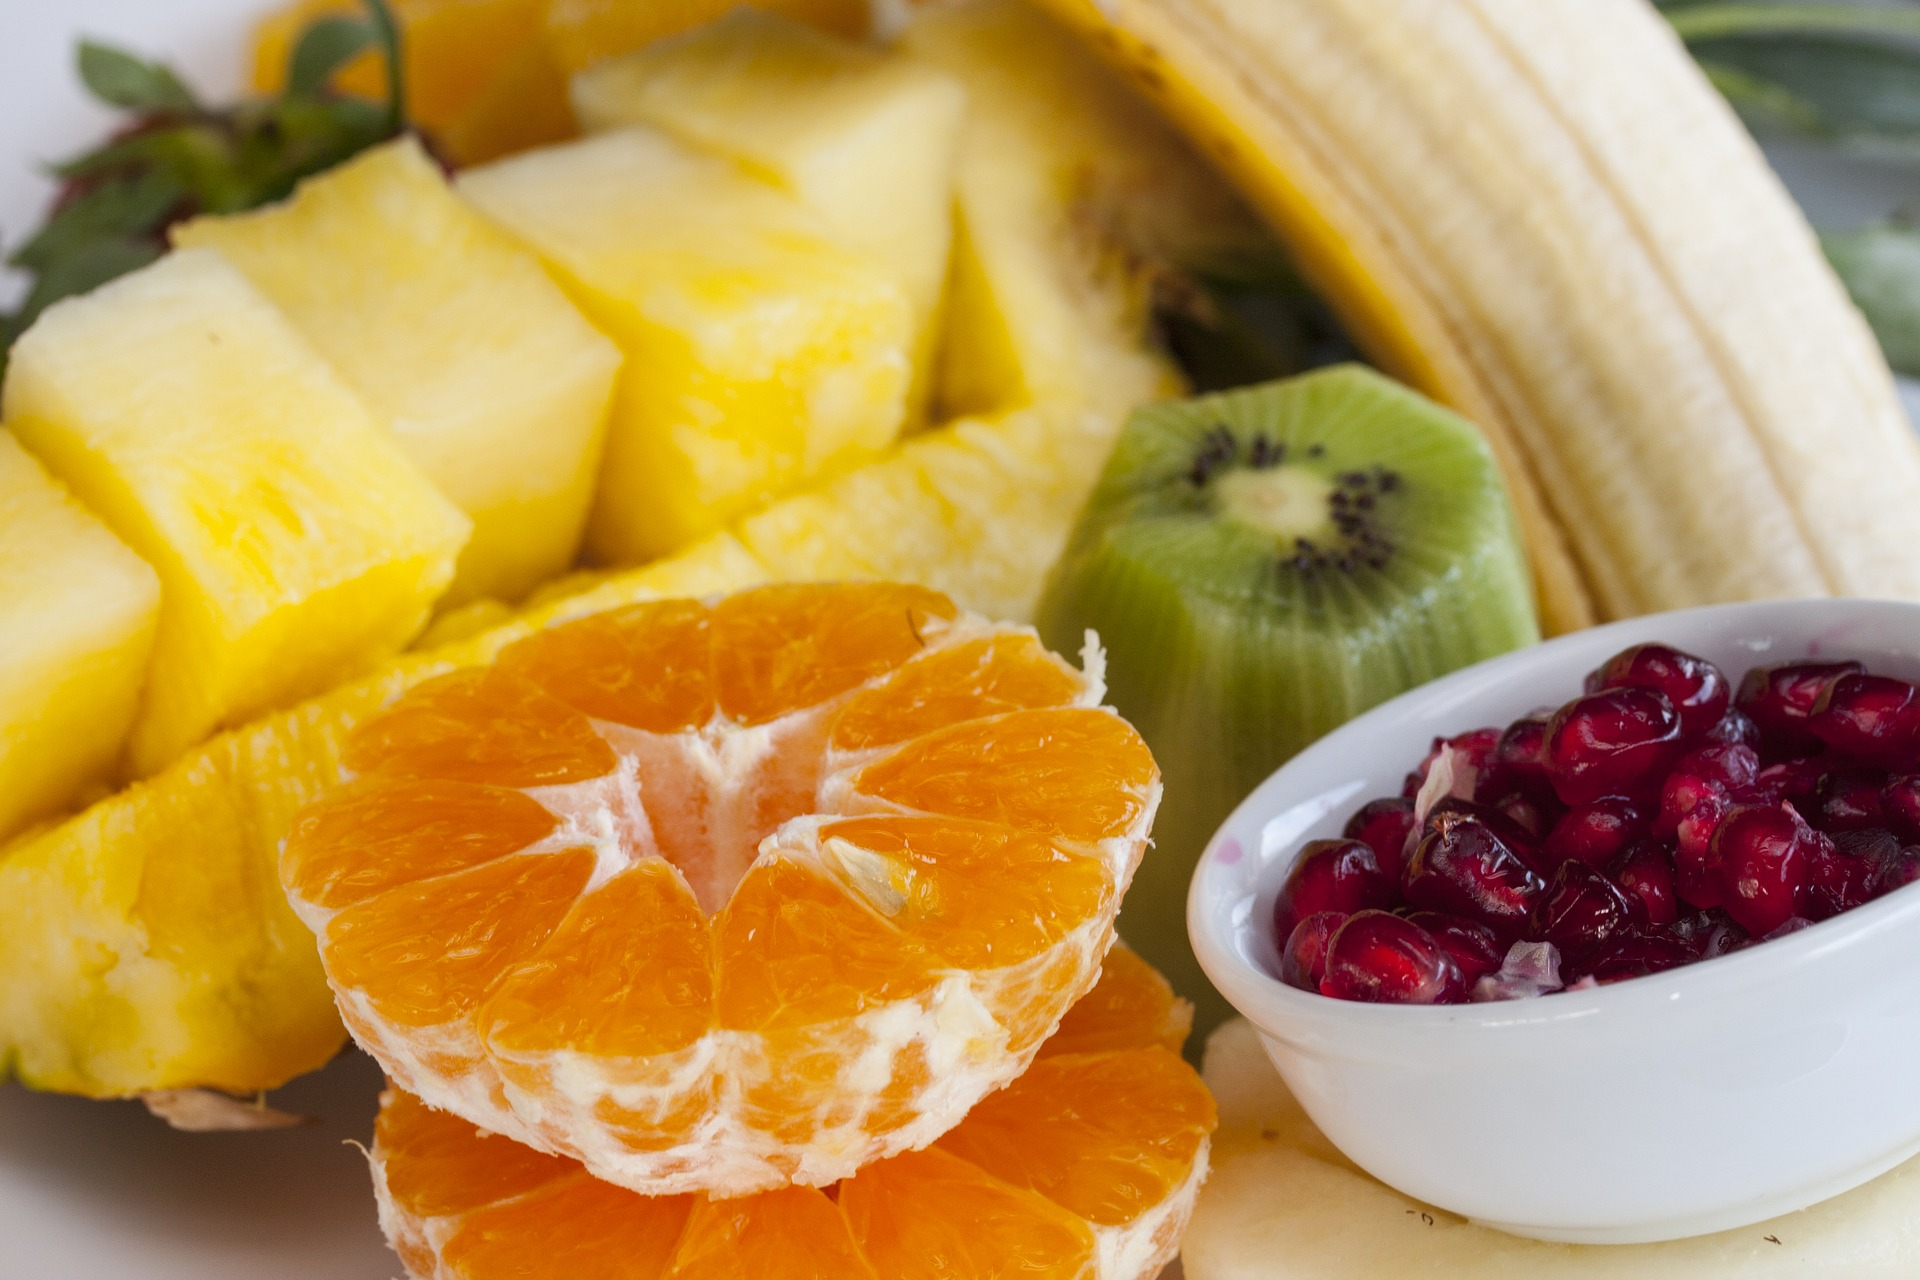 swierze-owoce-wspomagajace-odchudzanie